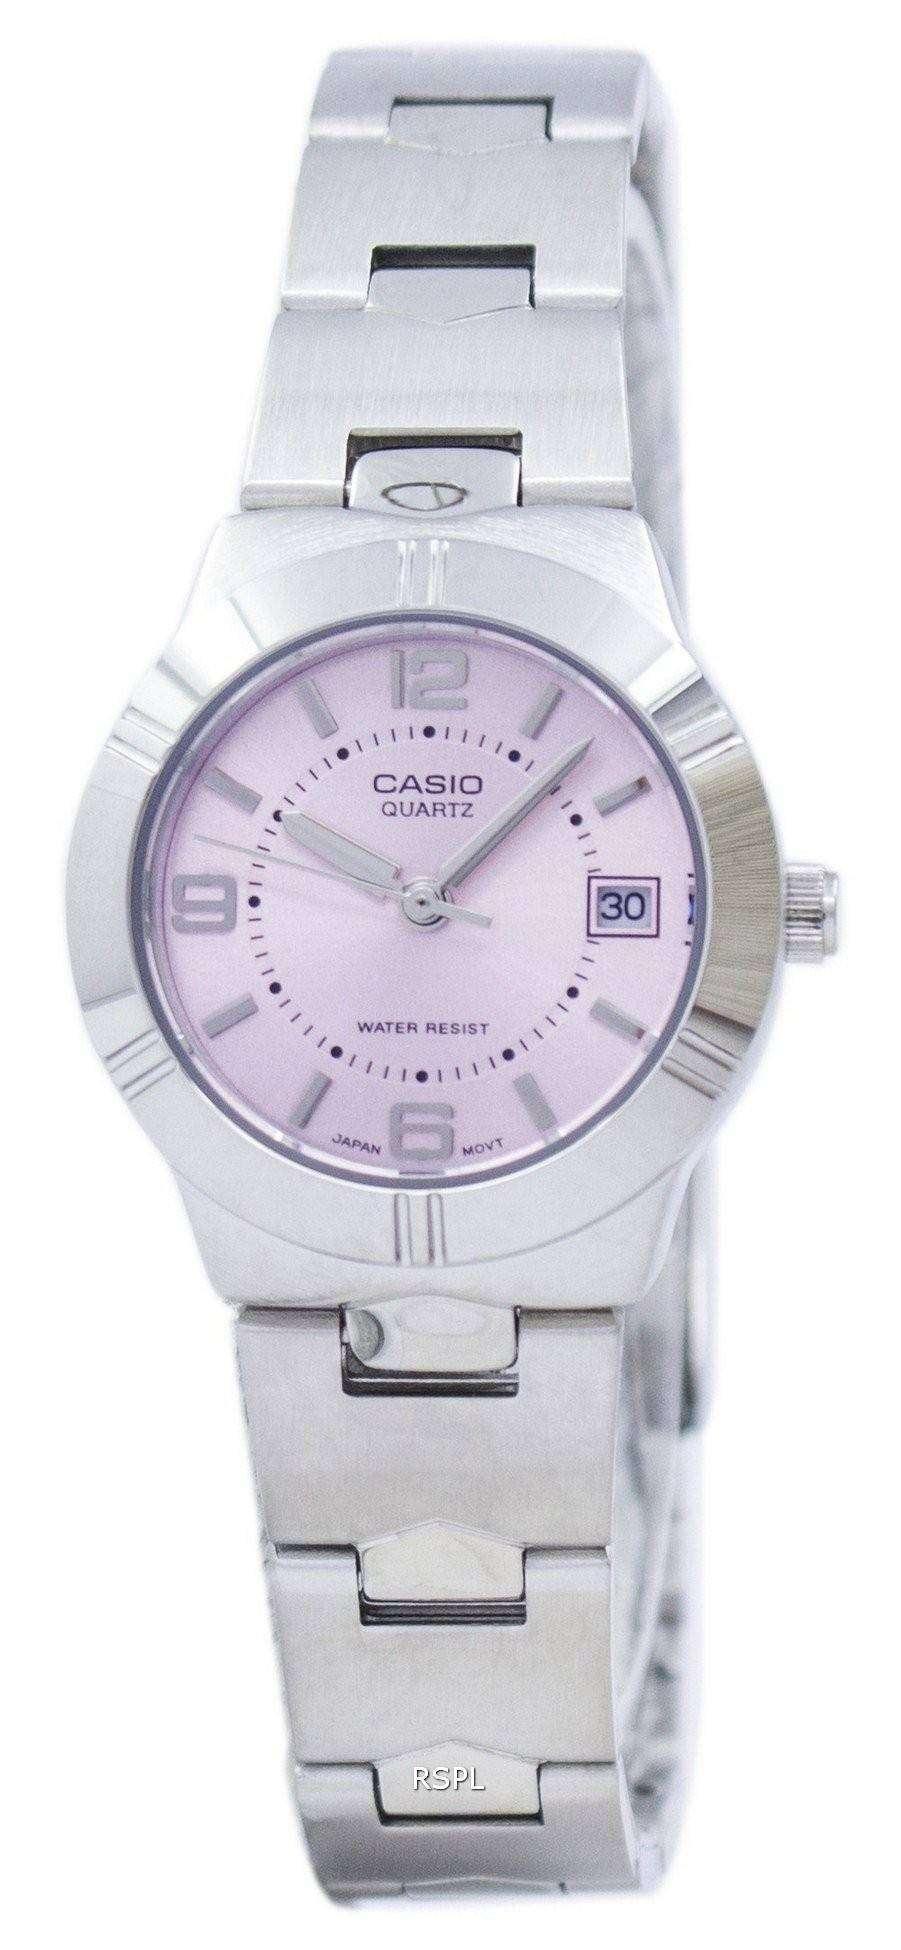 bajo precio 45c34 09397 Reloj Casio Enticer cuarzo analógico Dial rosa LTP-1241D-4ADF LTP-1241D-4A  de la mujer